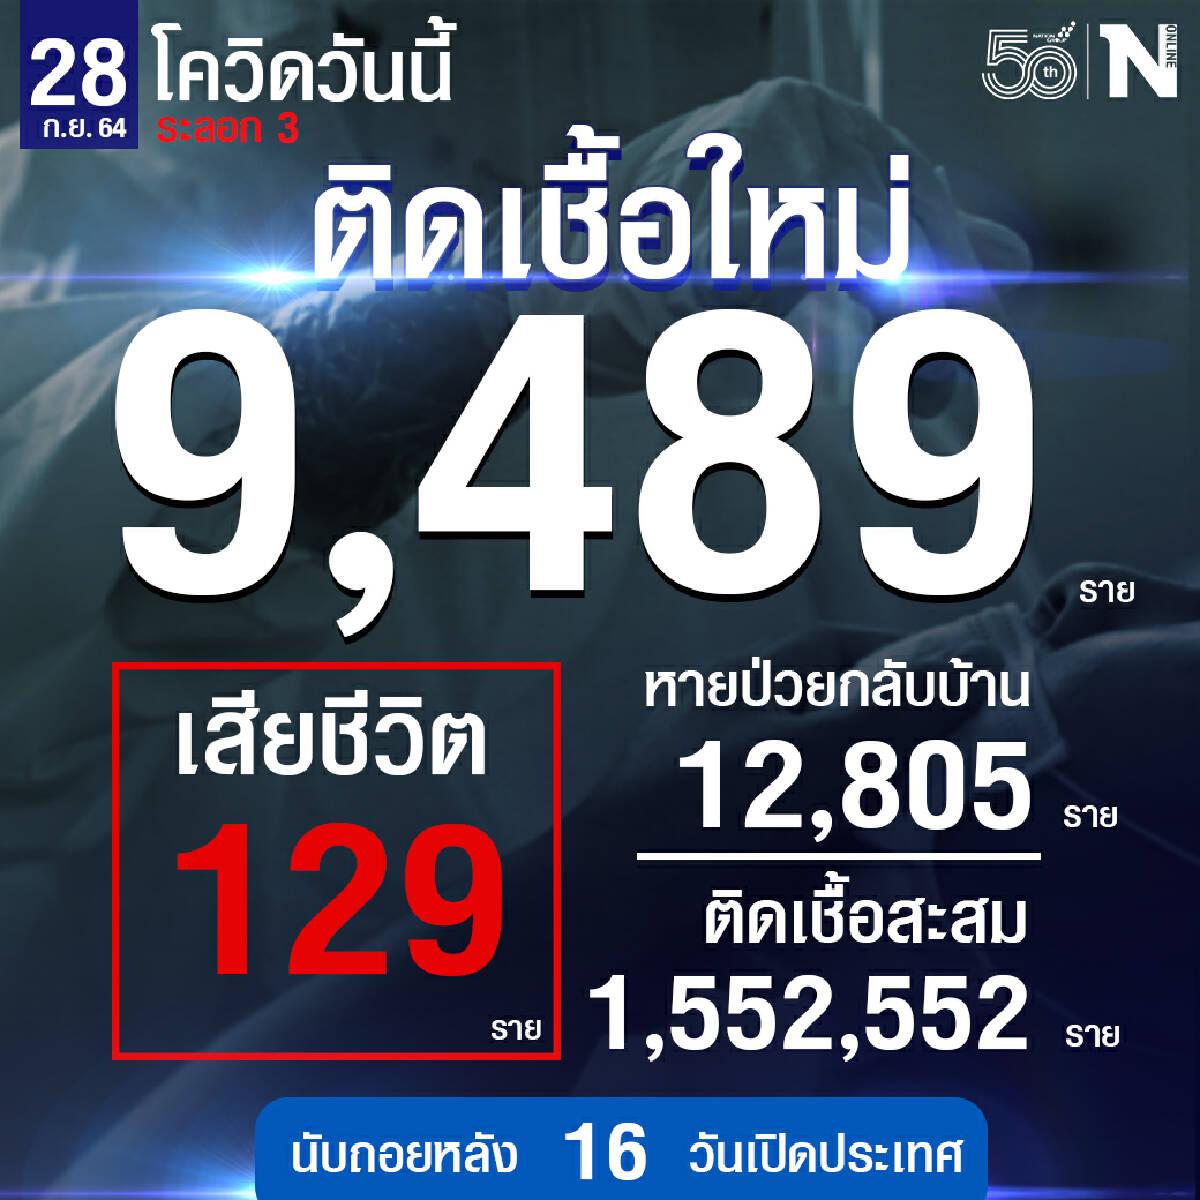 ยอดต่ำหมื่นแล้ว!! ศบค. เผย ผู้ติดเชื้อวันนี้ 9,489 ดับ 129 ราย